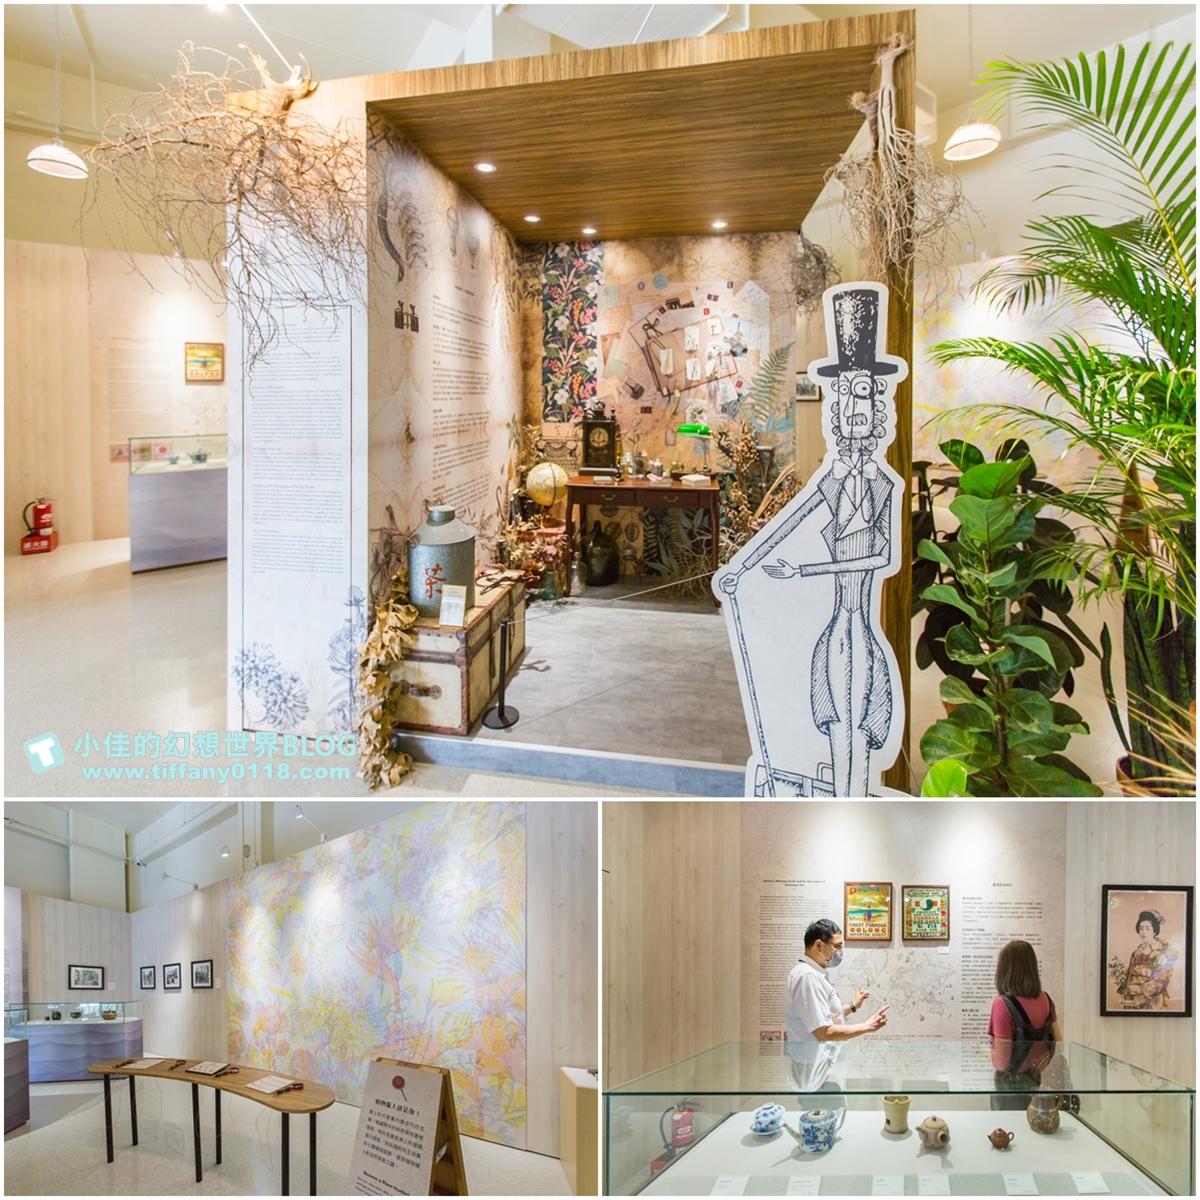 [新北景點]坪林茶業博物館/親子共遊設施+互動體驗方式認識茶葉/超美戶外江南庭院隨你拍